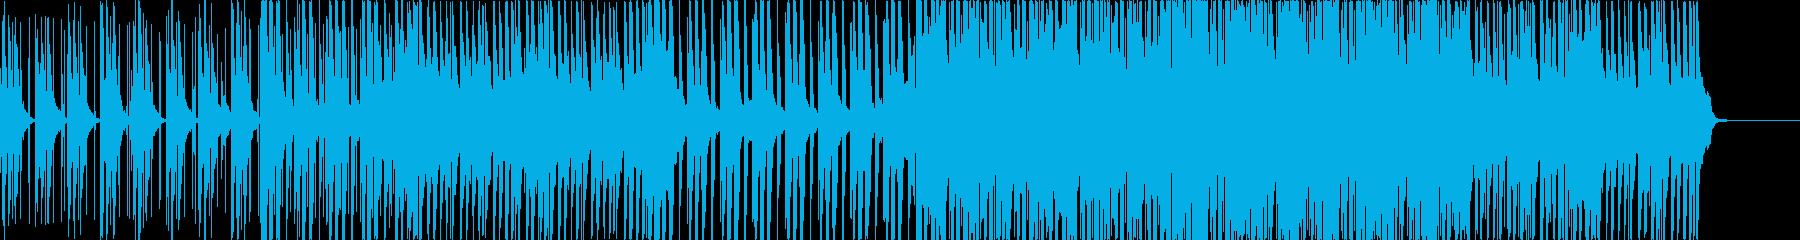 テンポ遅めのクールなピアノハウスの再生済みの波形